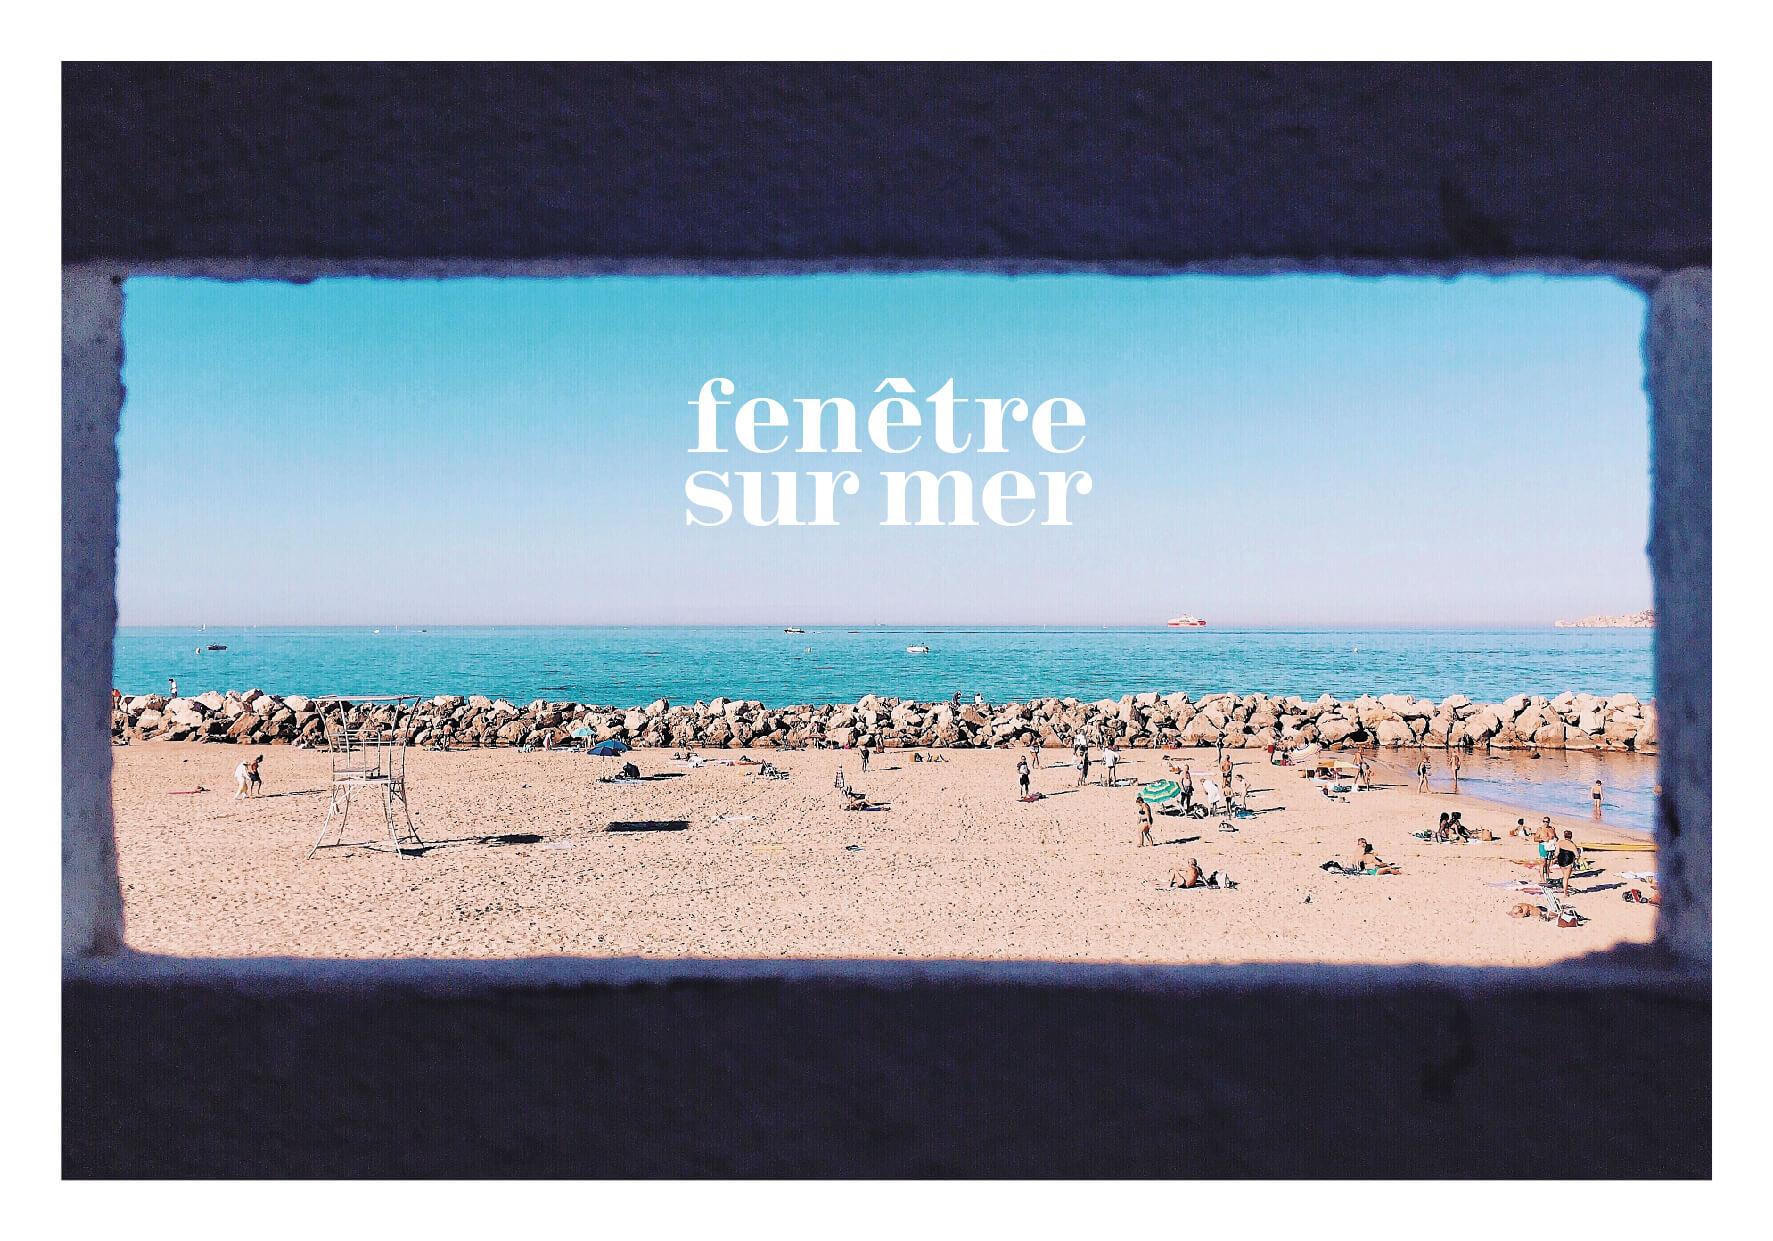 Marseille sometimes fenêtre sur mer